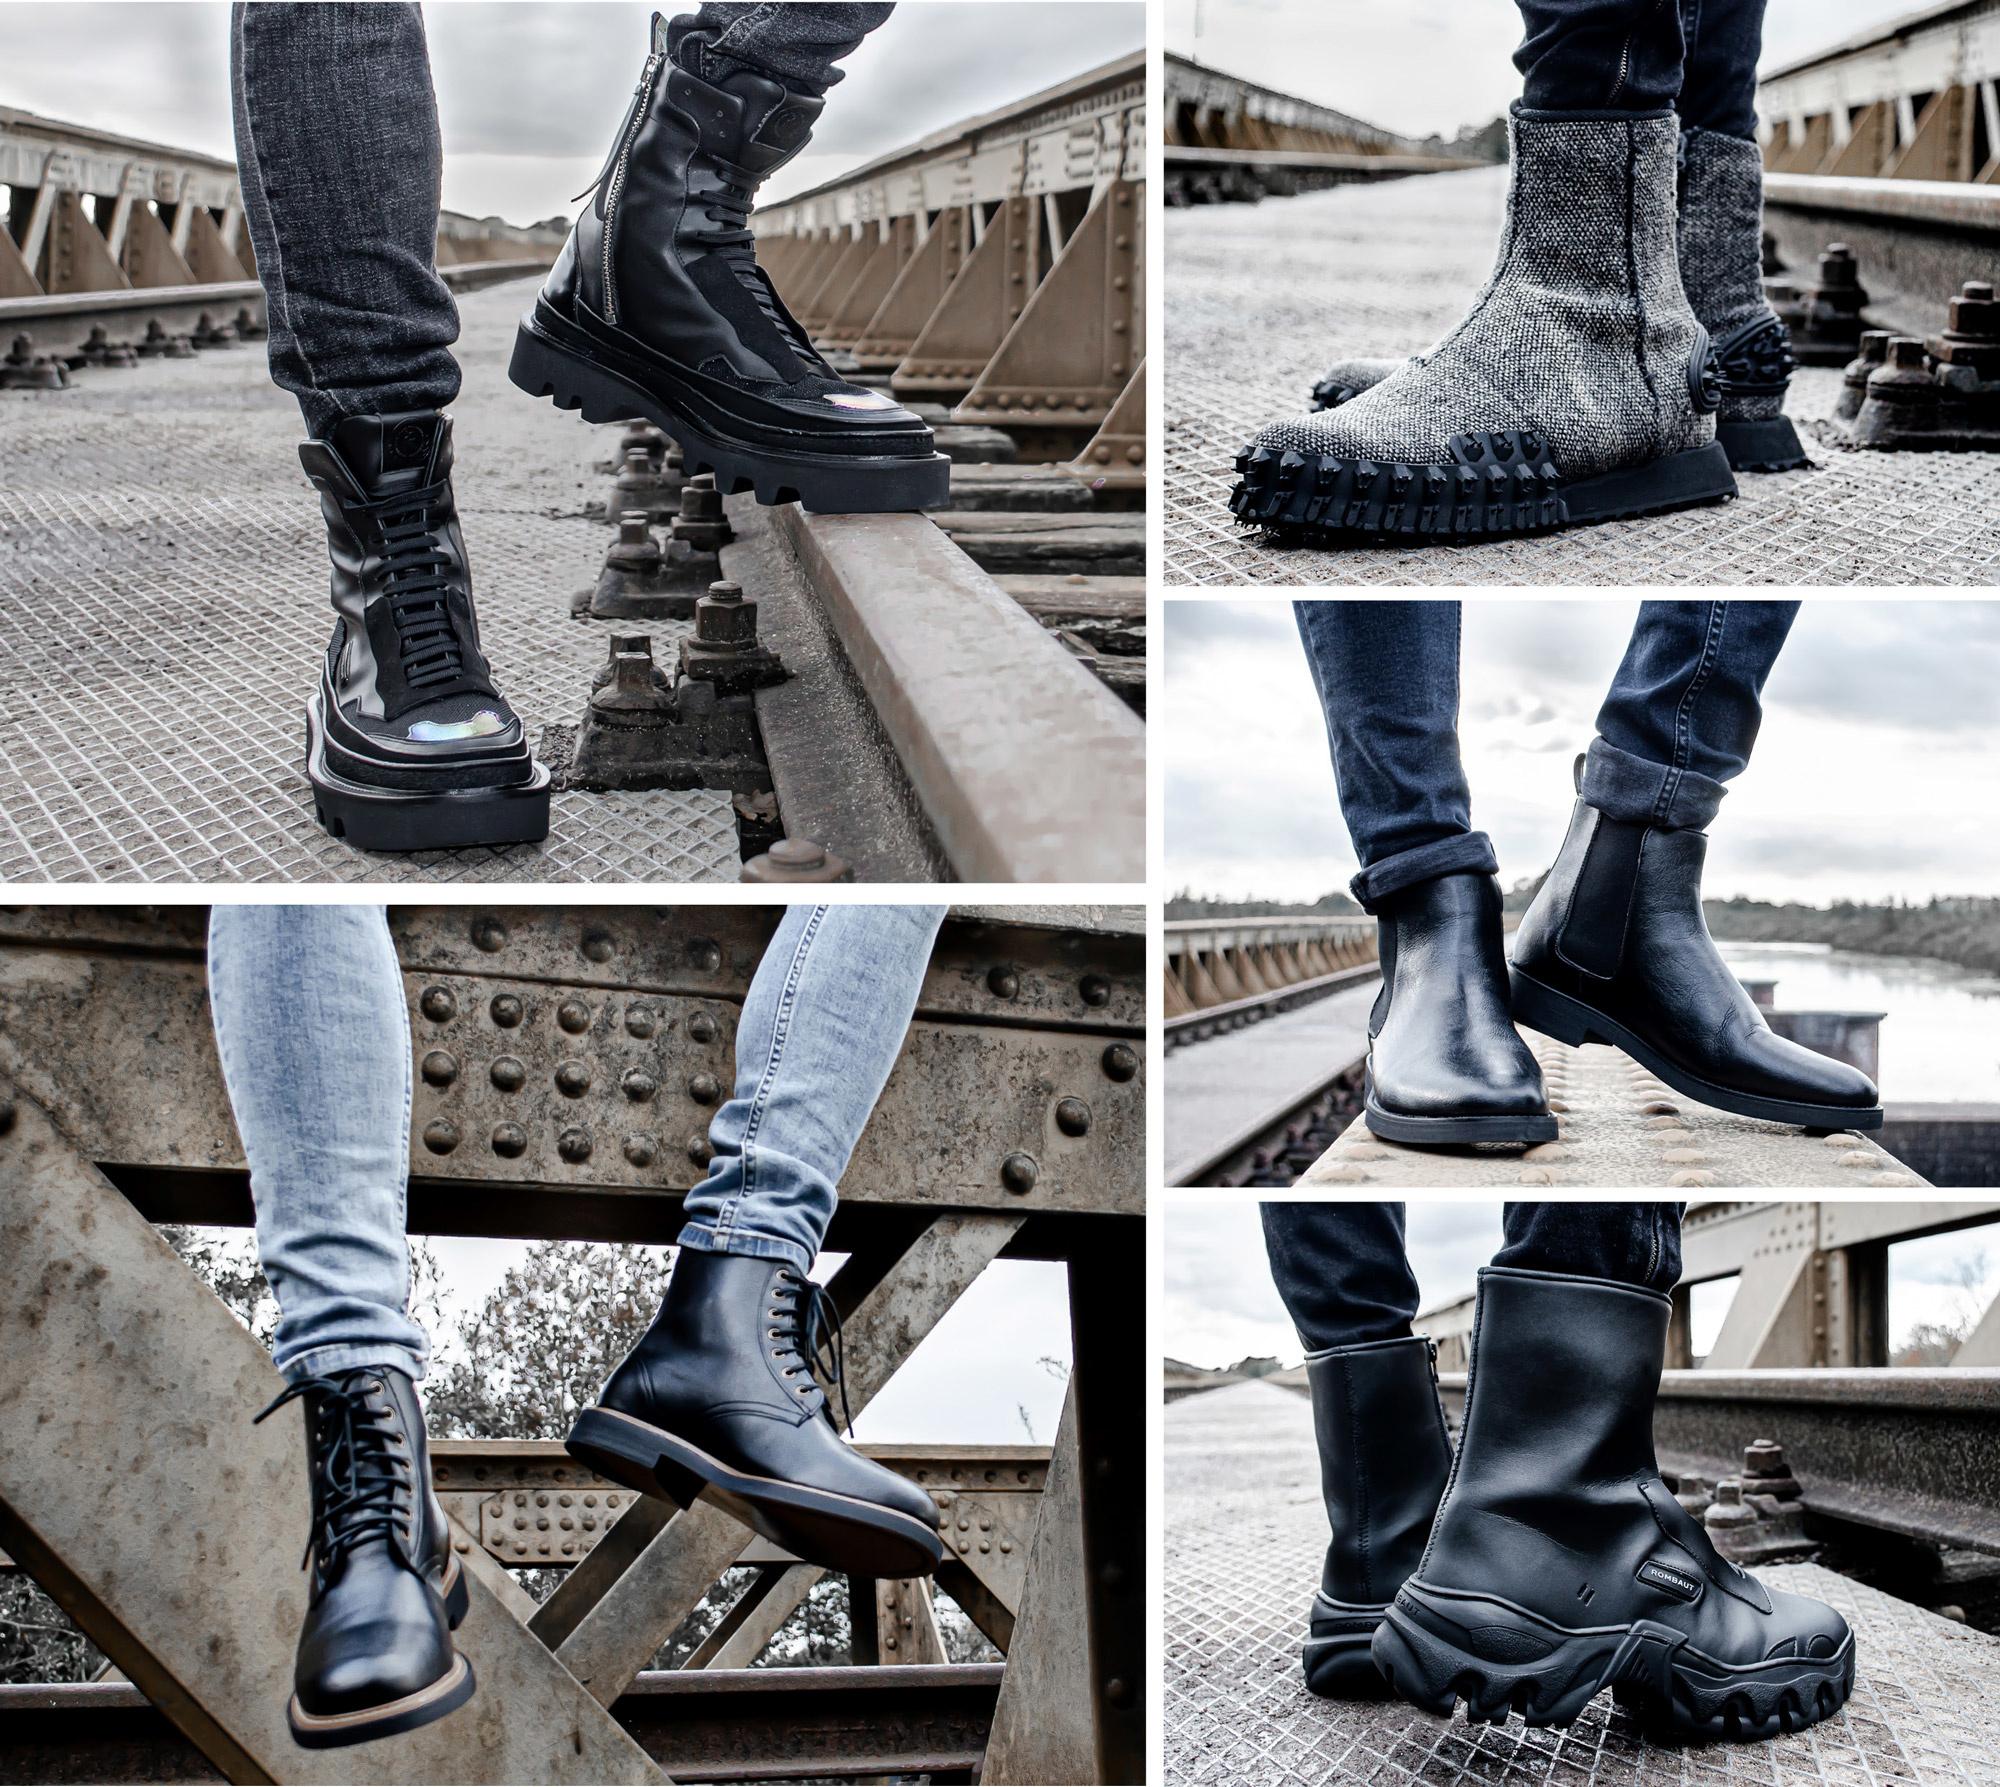 Top 5 best vegan men's boots for this winter